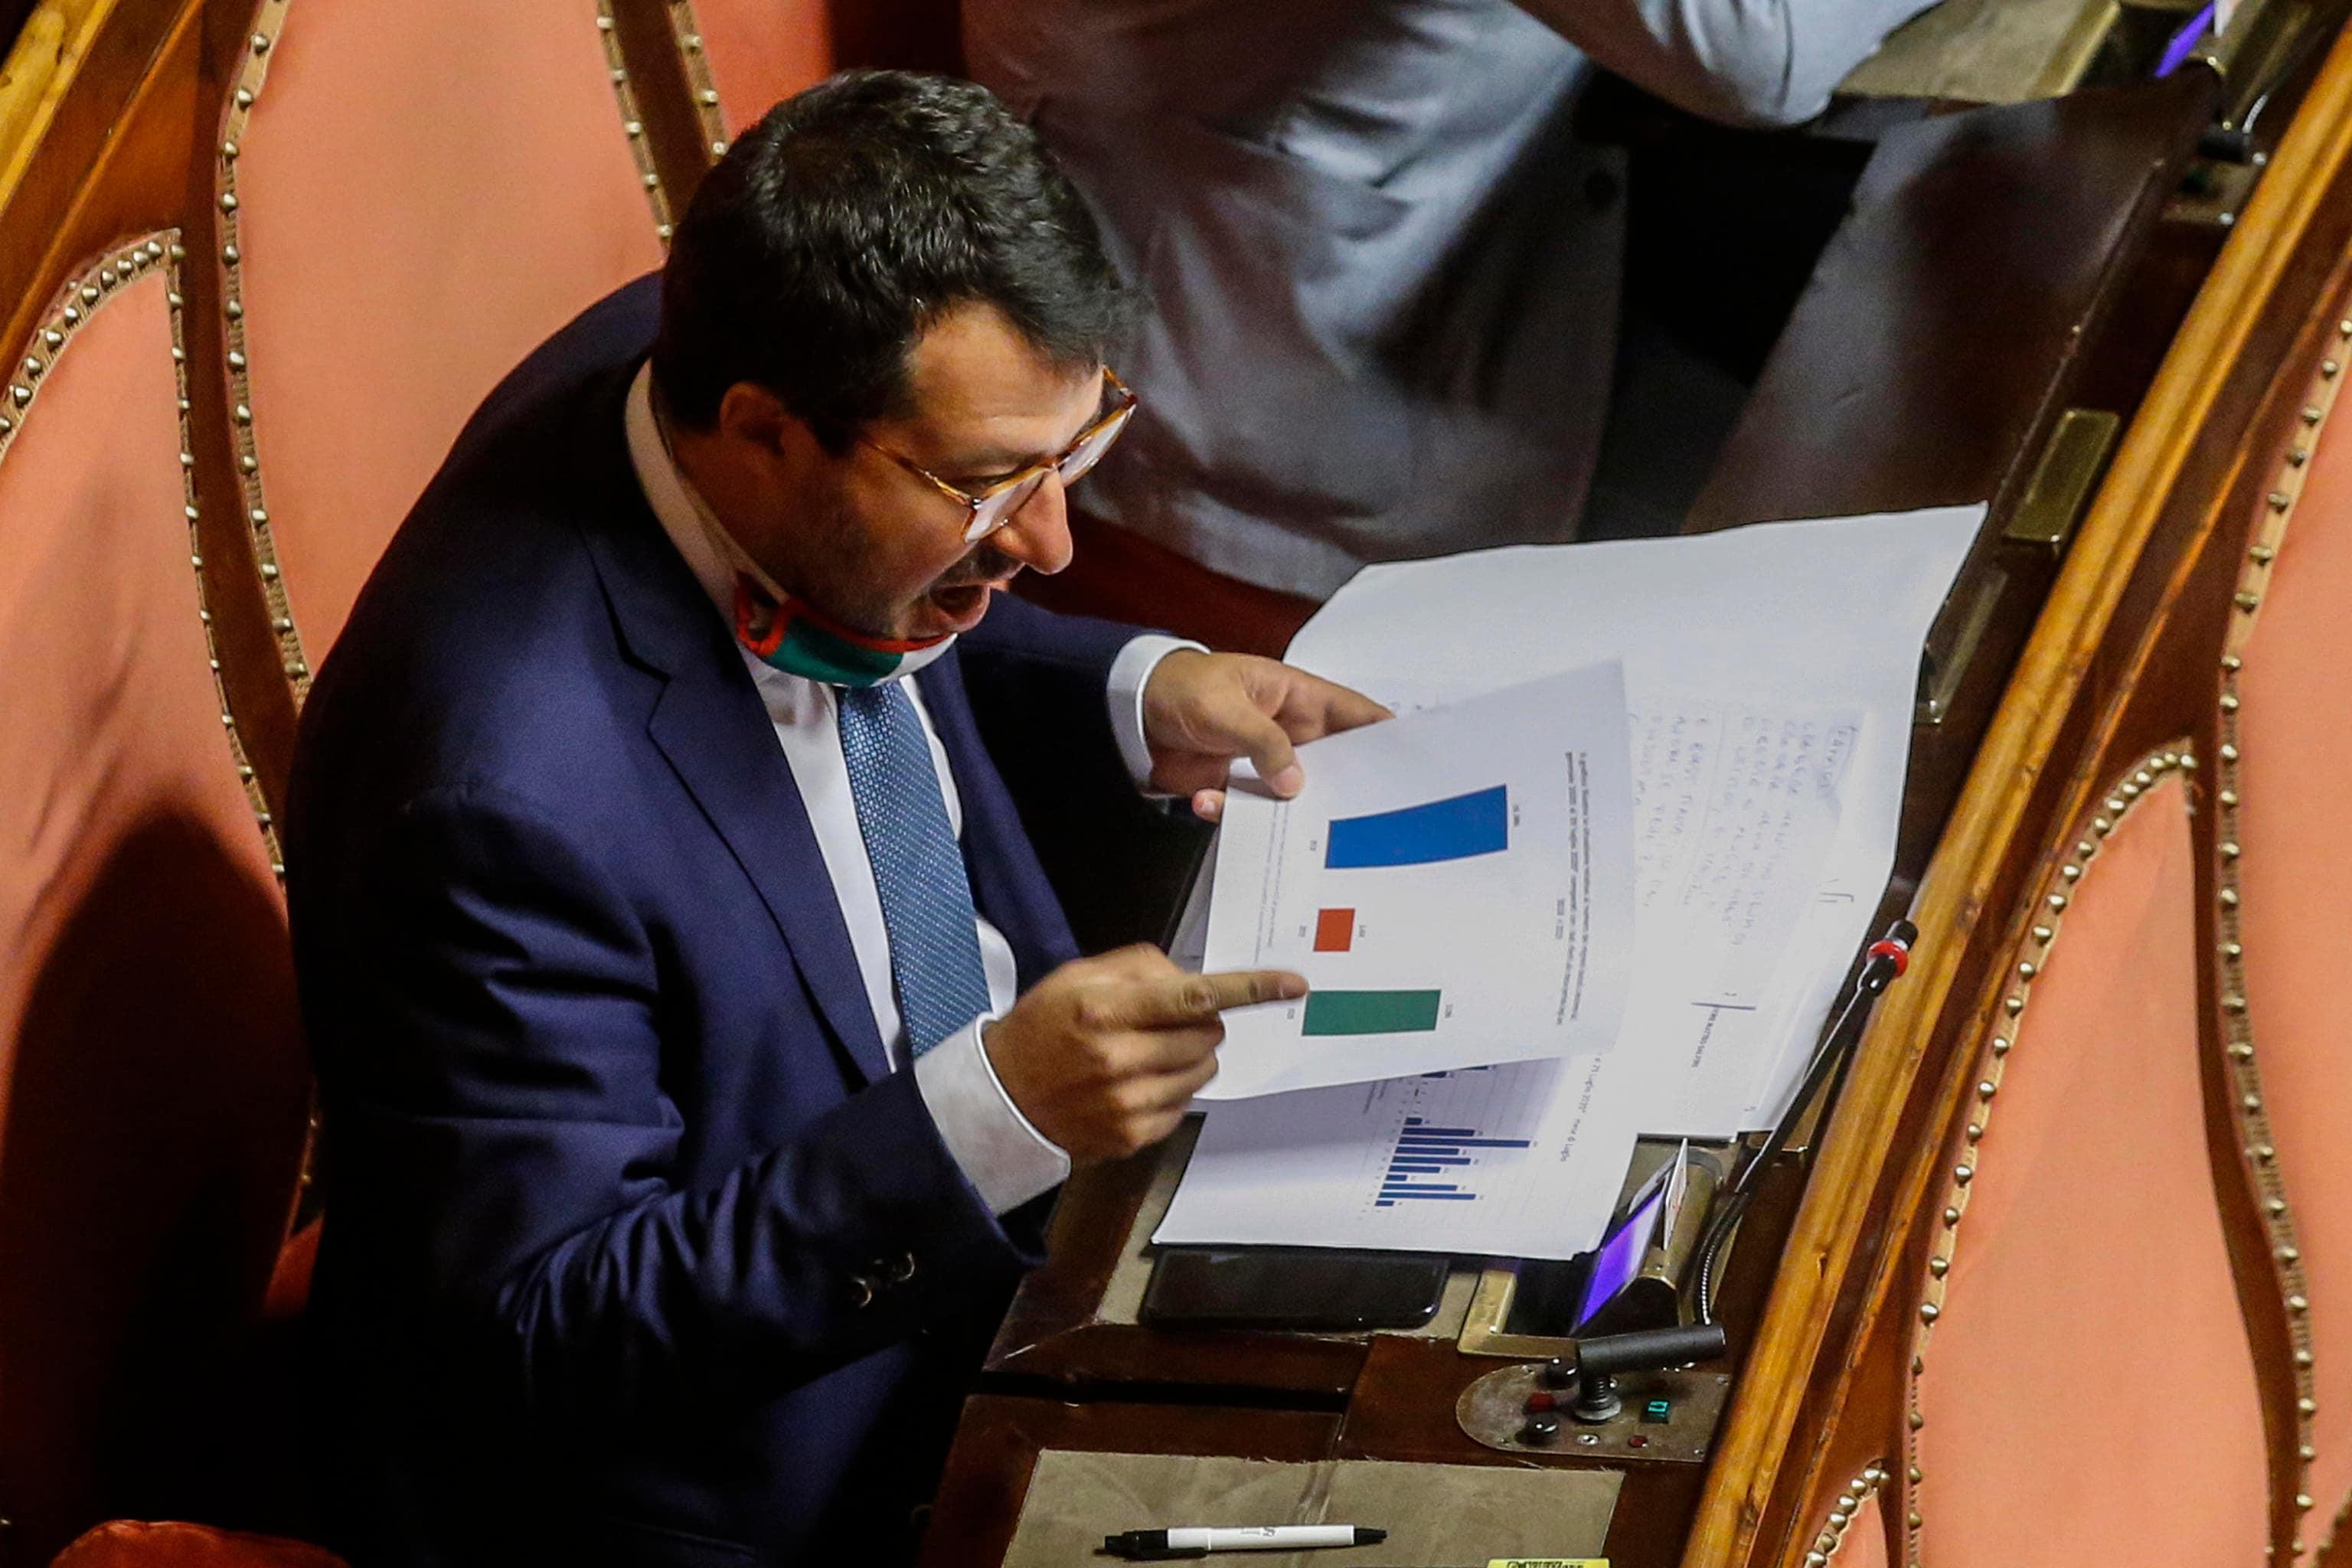 Il leader della Lega, Matteo Salvini nell'aula del Senato nel giorno del voto sull'autorizzazione a procedere per la vicenda Open Arms, Roma 30 luglio 2020. ANSA/FABIO FRUSTACI